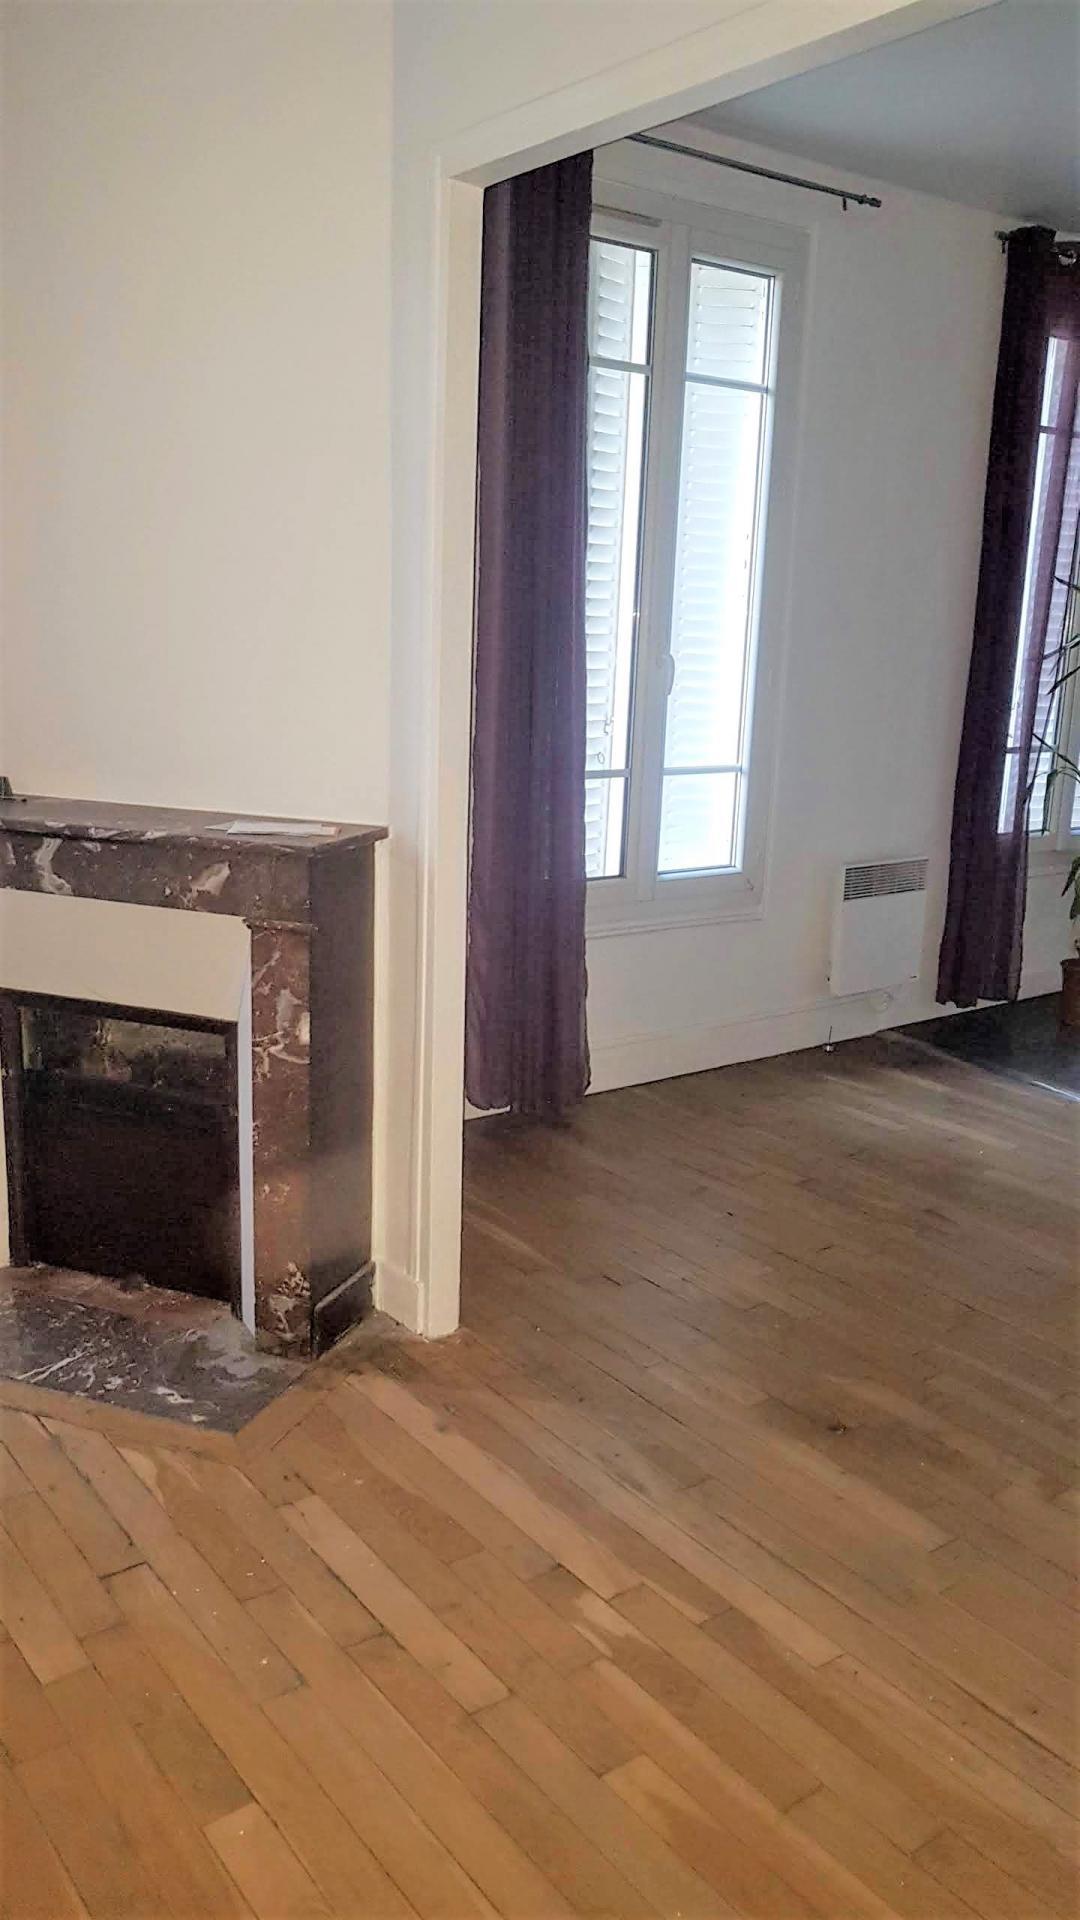 3p 43 m² usage mixte professionnel et habitation situé en zone franche (avantages fiscaux)